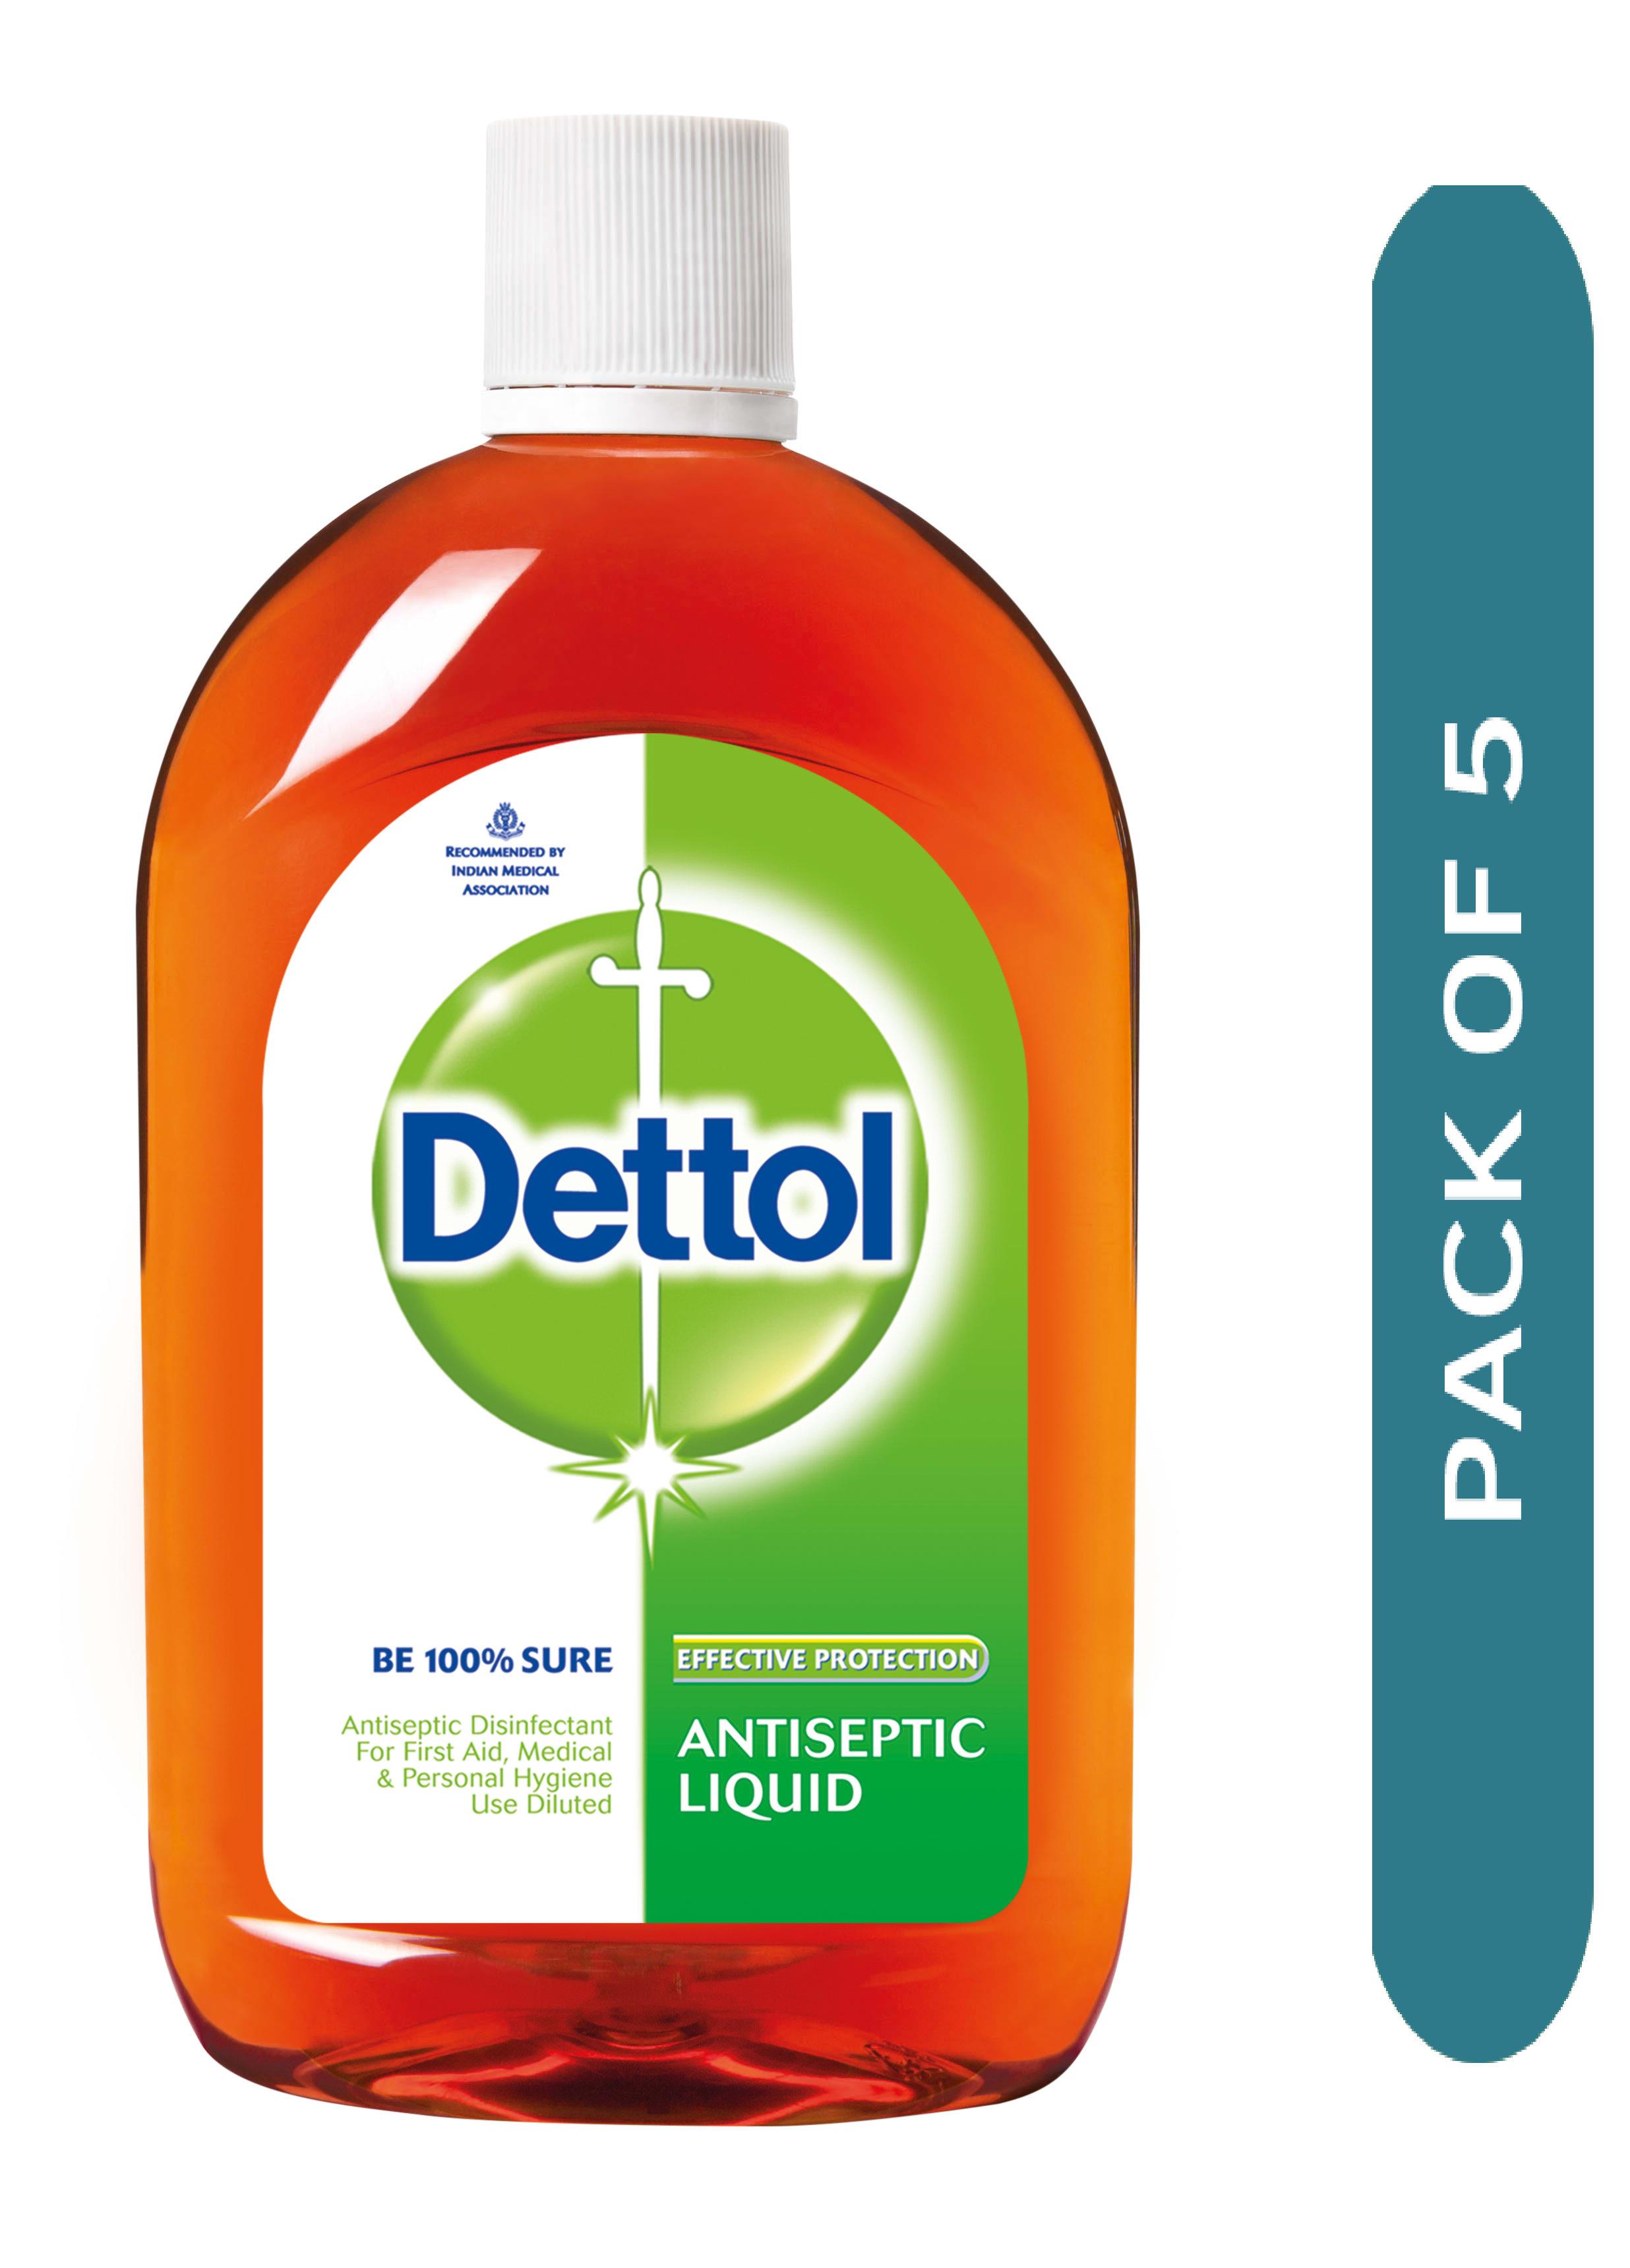 Dettol Antiseptic Liquid Pack of 5